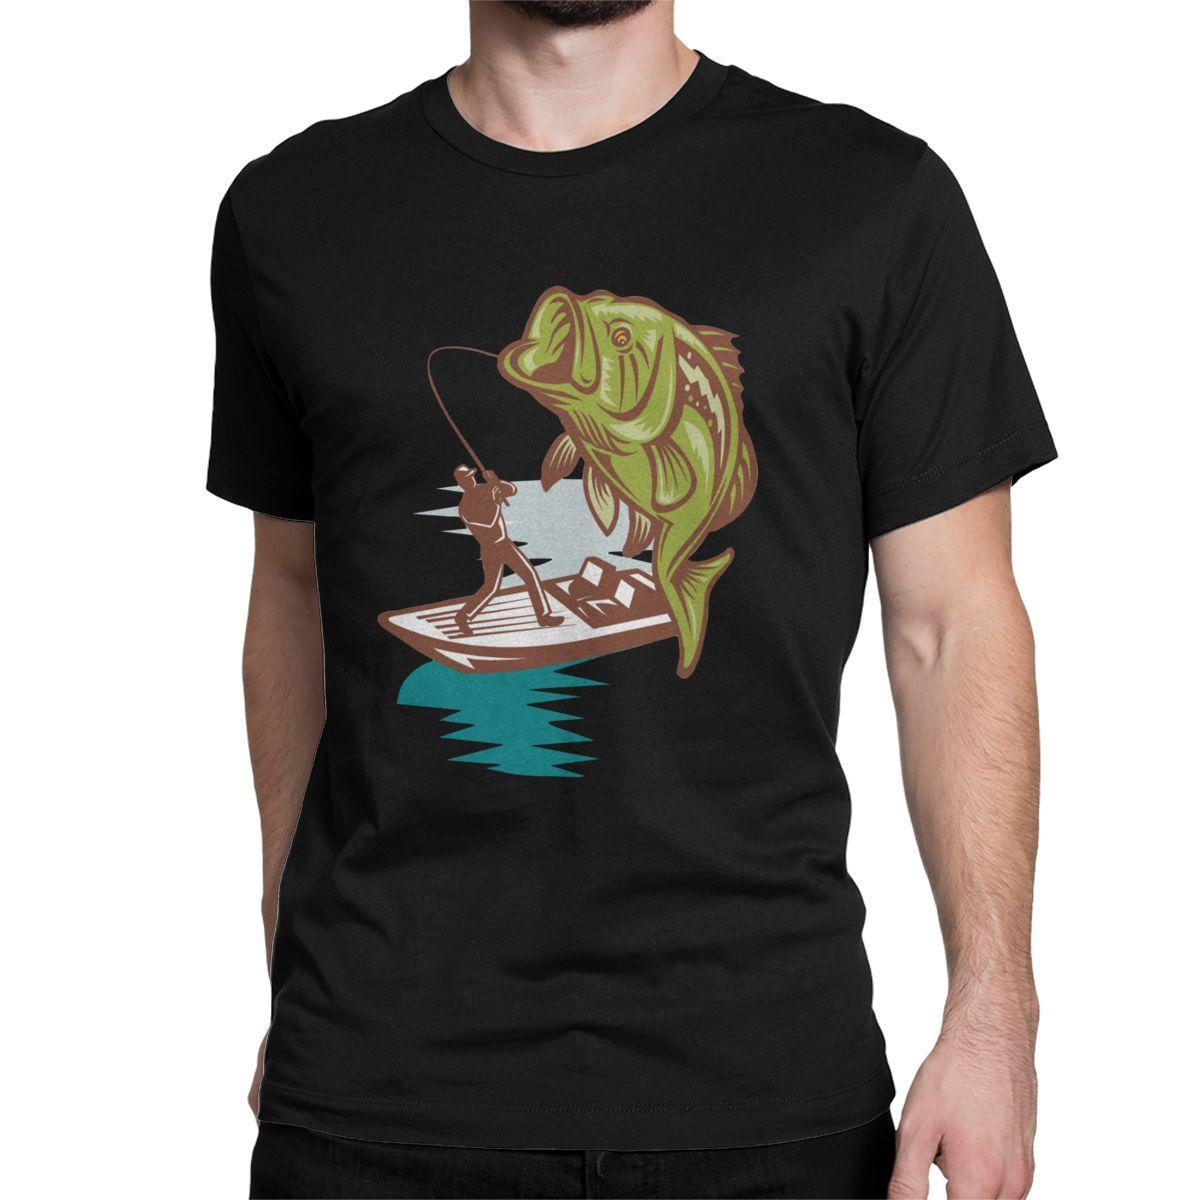 Erkekler Balıkçı Bas Büyük Ağız T Gömlek Saf Pamuk Giyim Casual Kısa Kollu Crewneck Tee Gömlek Benzersiz Tişörtler Balıkçılık